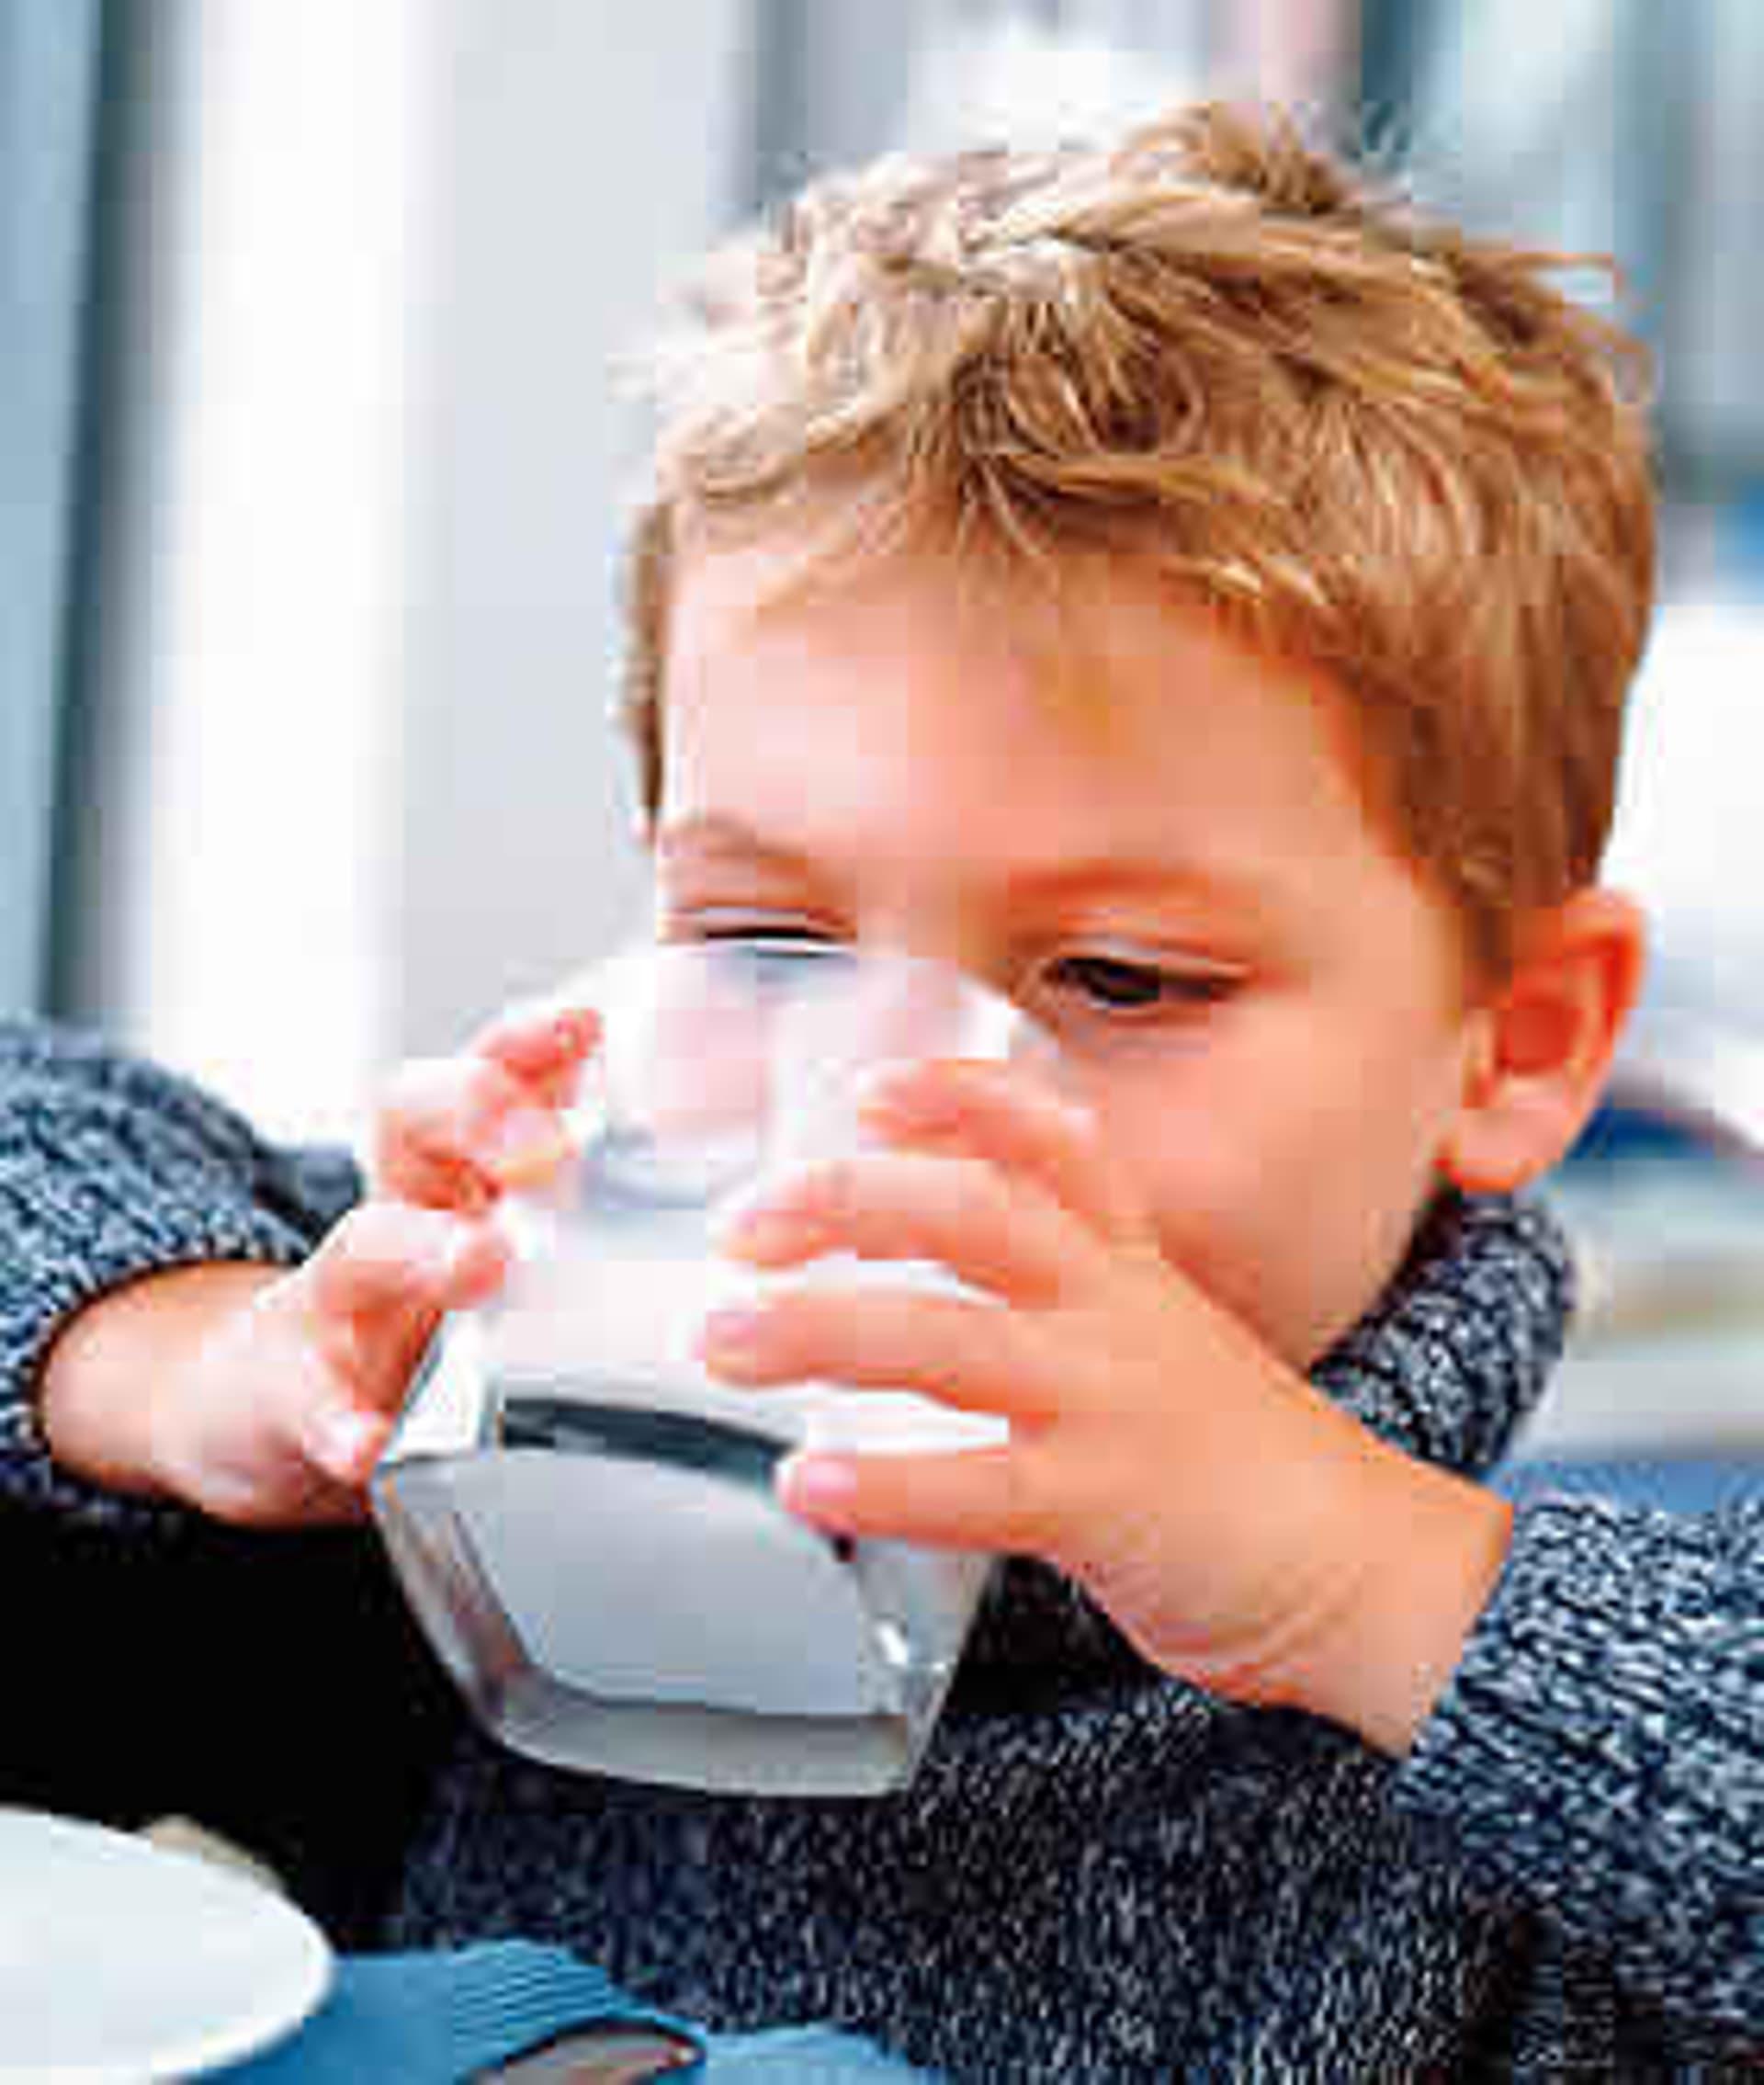 Kleiner Junge hält ein Glas Milch mit beiden Händen und setzt es zum Trinken an.